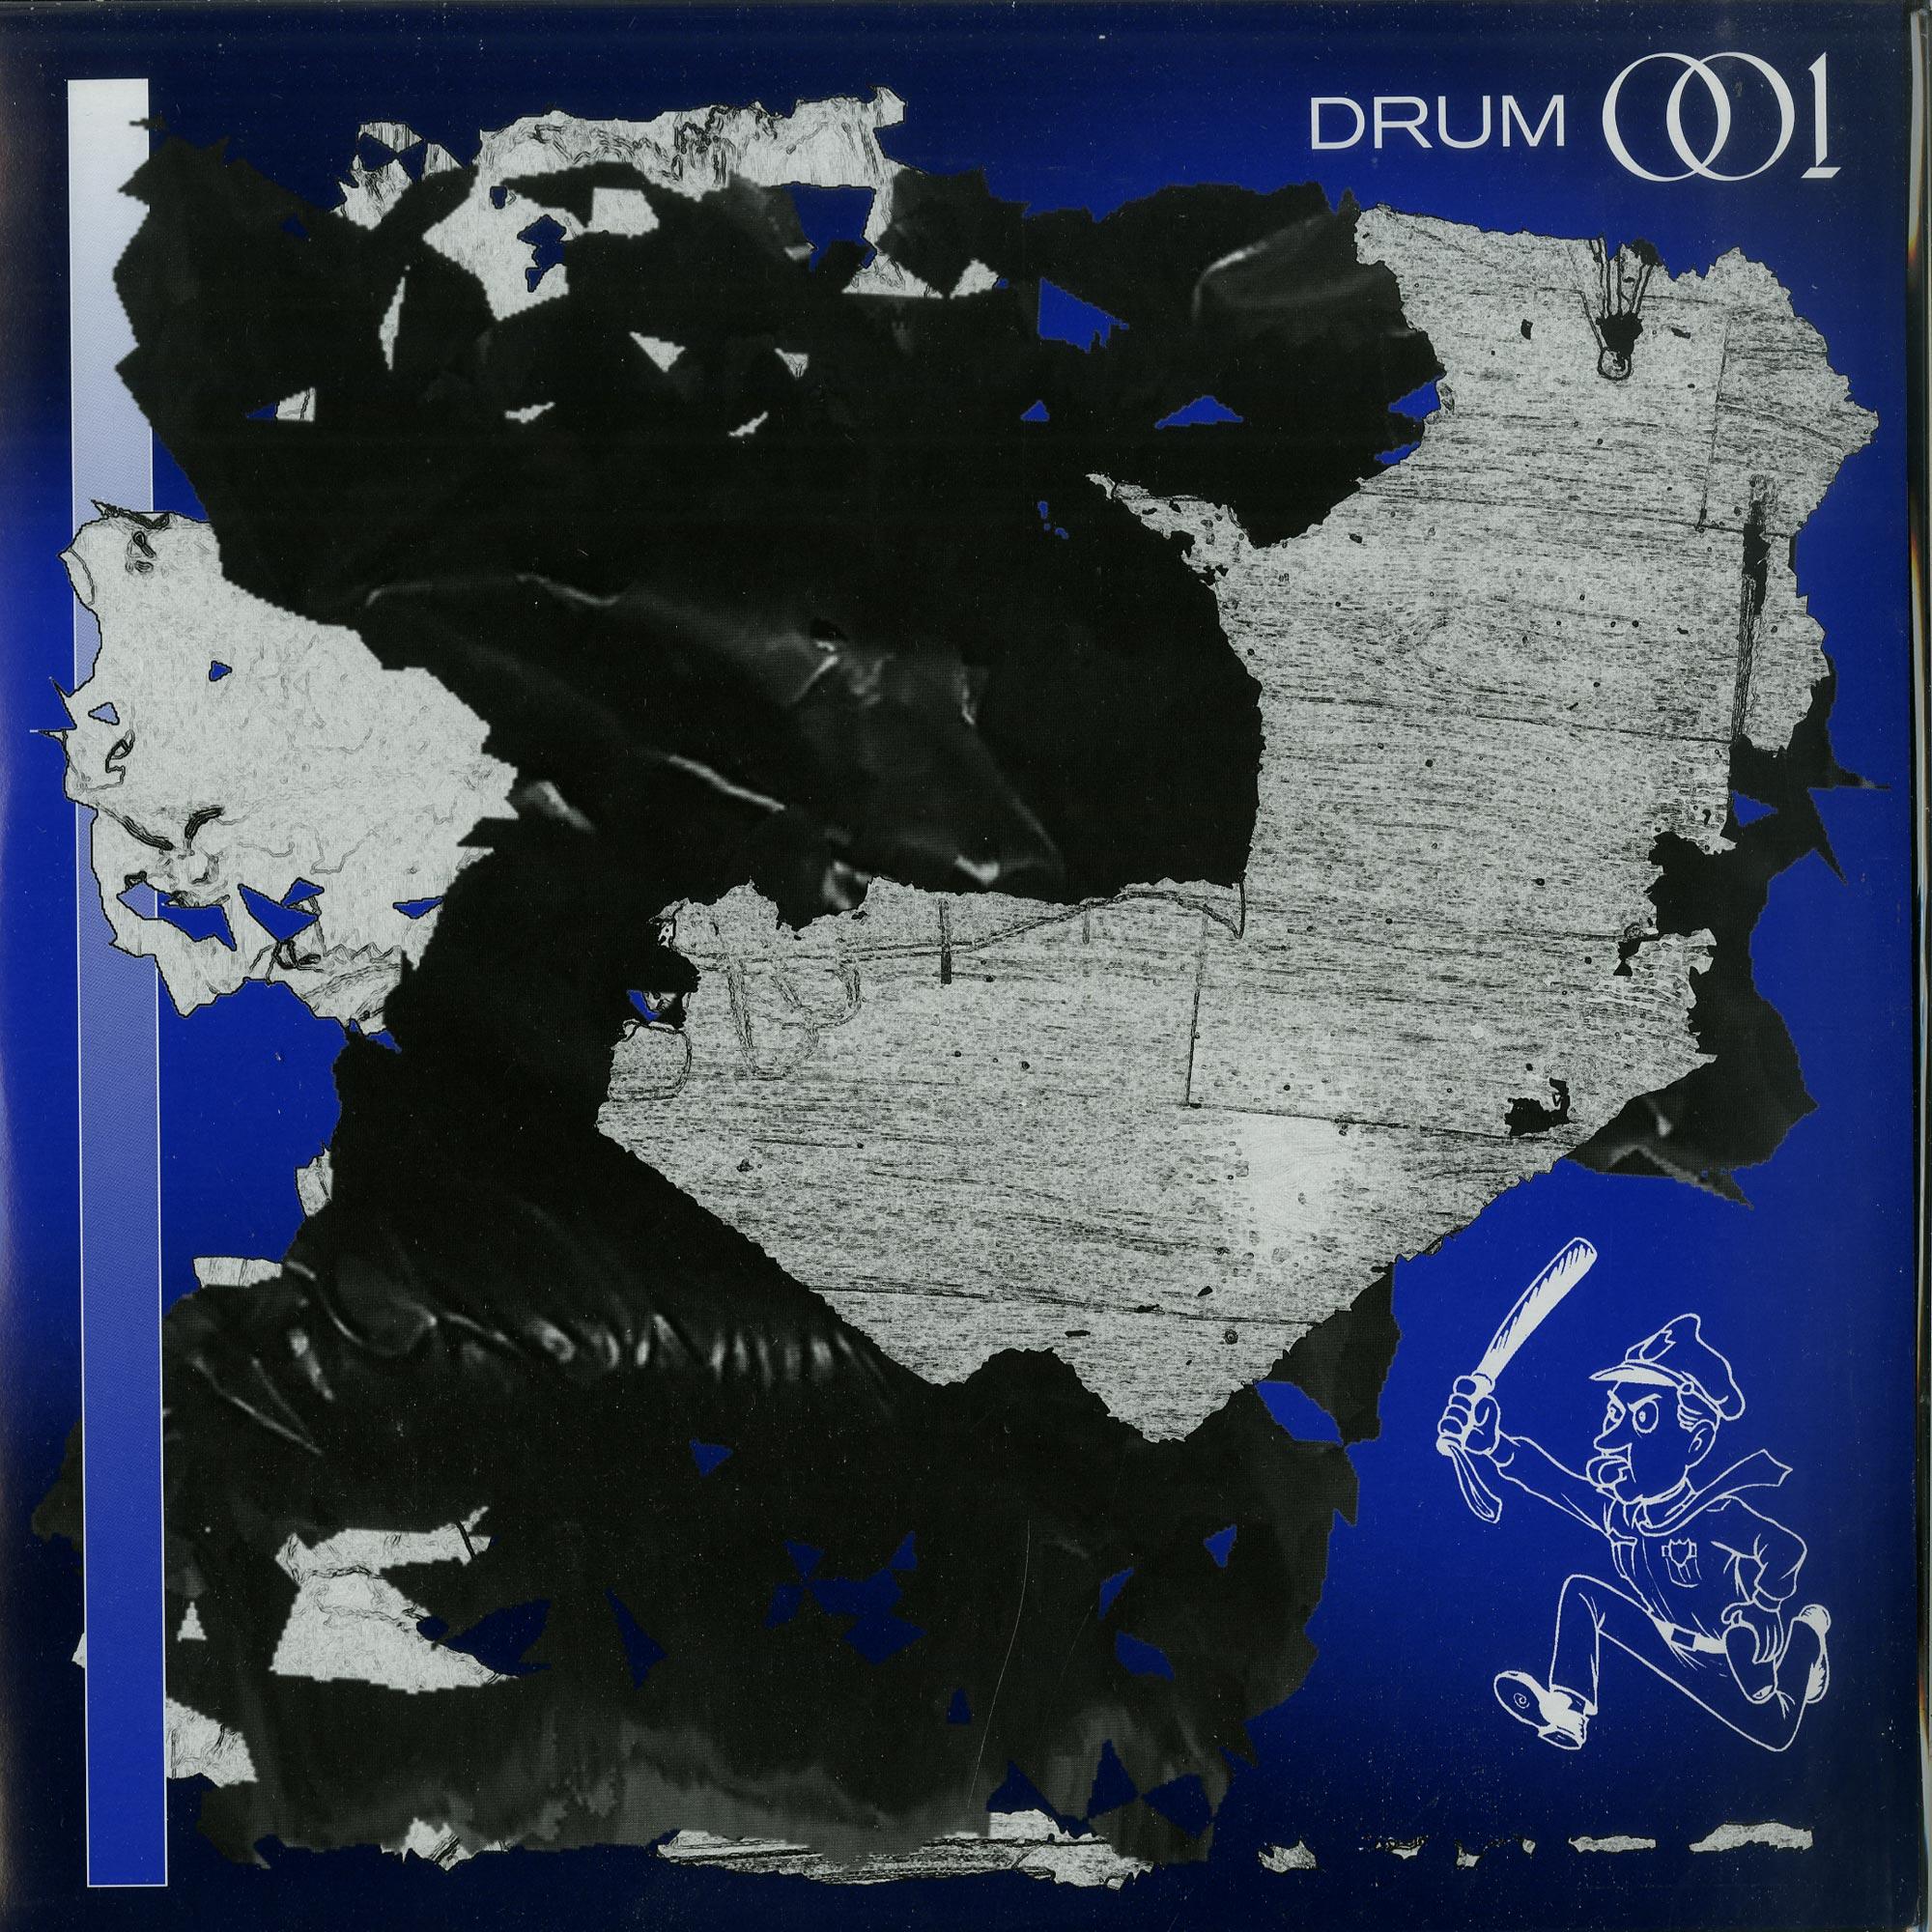 Harpoen / Trunkline / Delta Funktionen / Paul van Gent - DRUM001